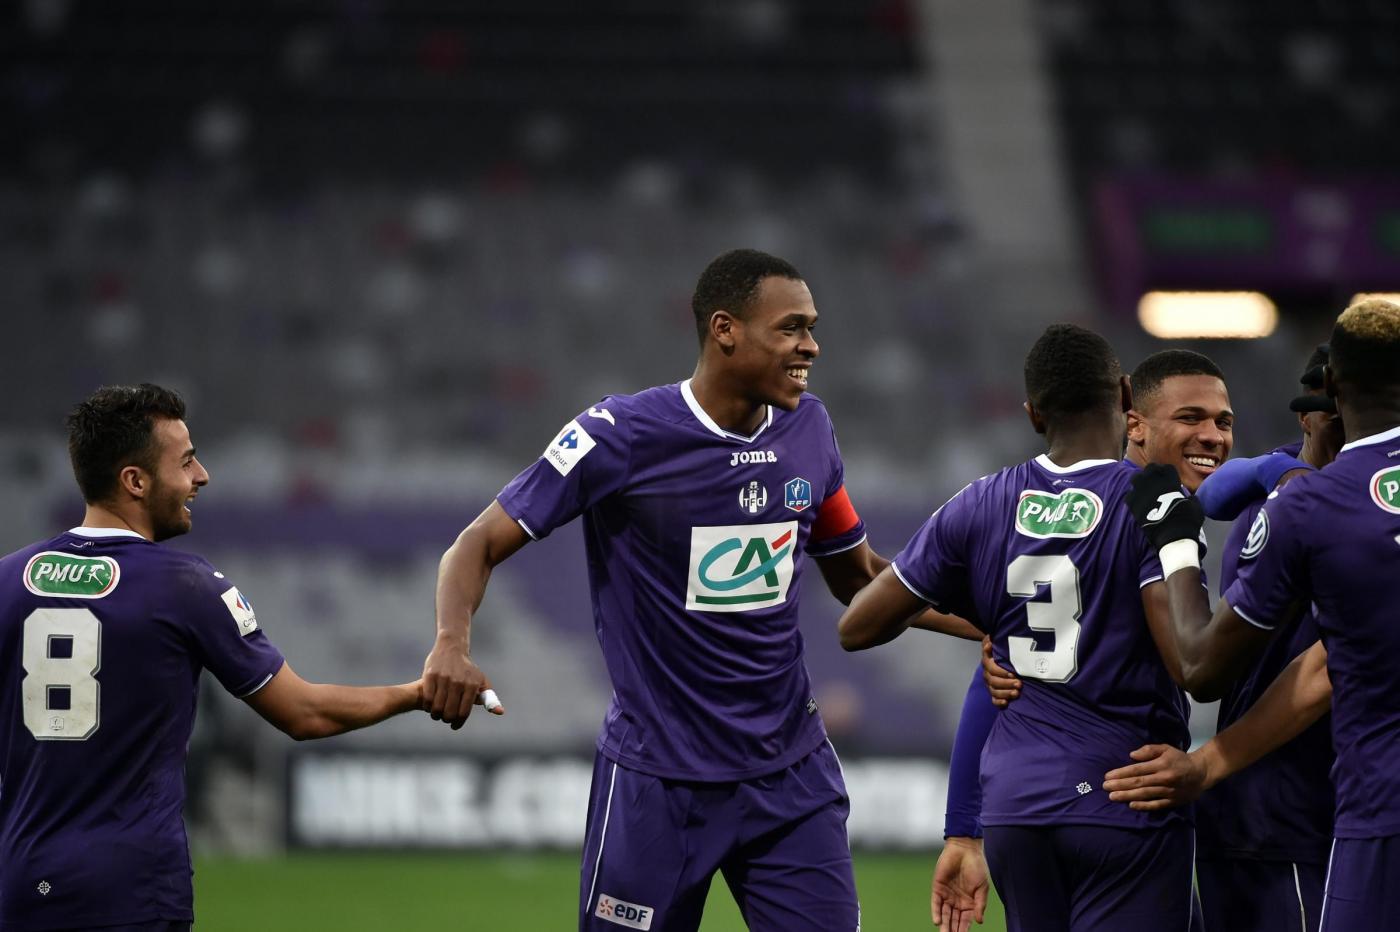 Tolosa-Dijon 2 dicembre: match della 15 esima giornata del campionato francese. Squadre in crisi cercano punti per la salvezza.